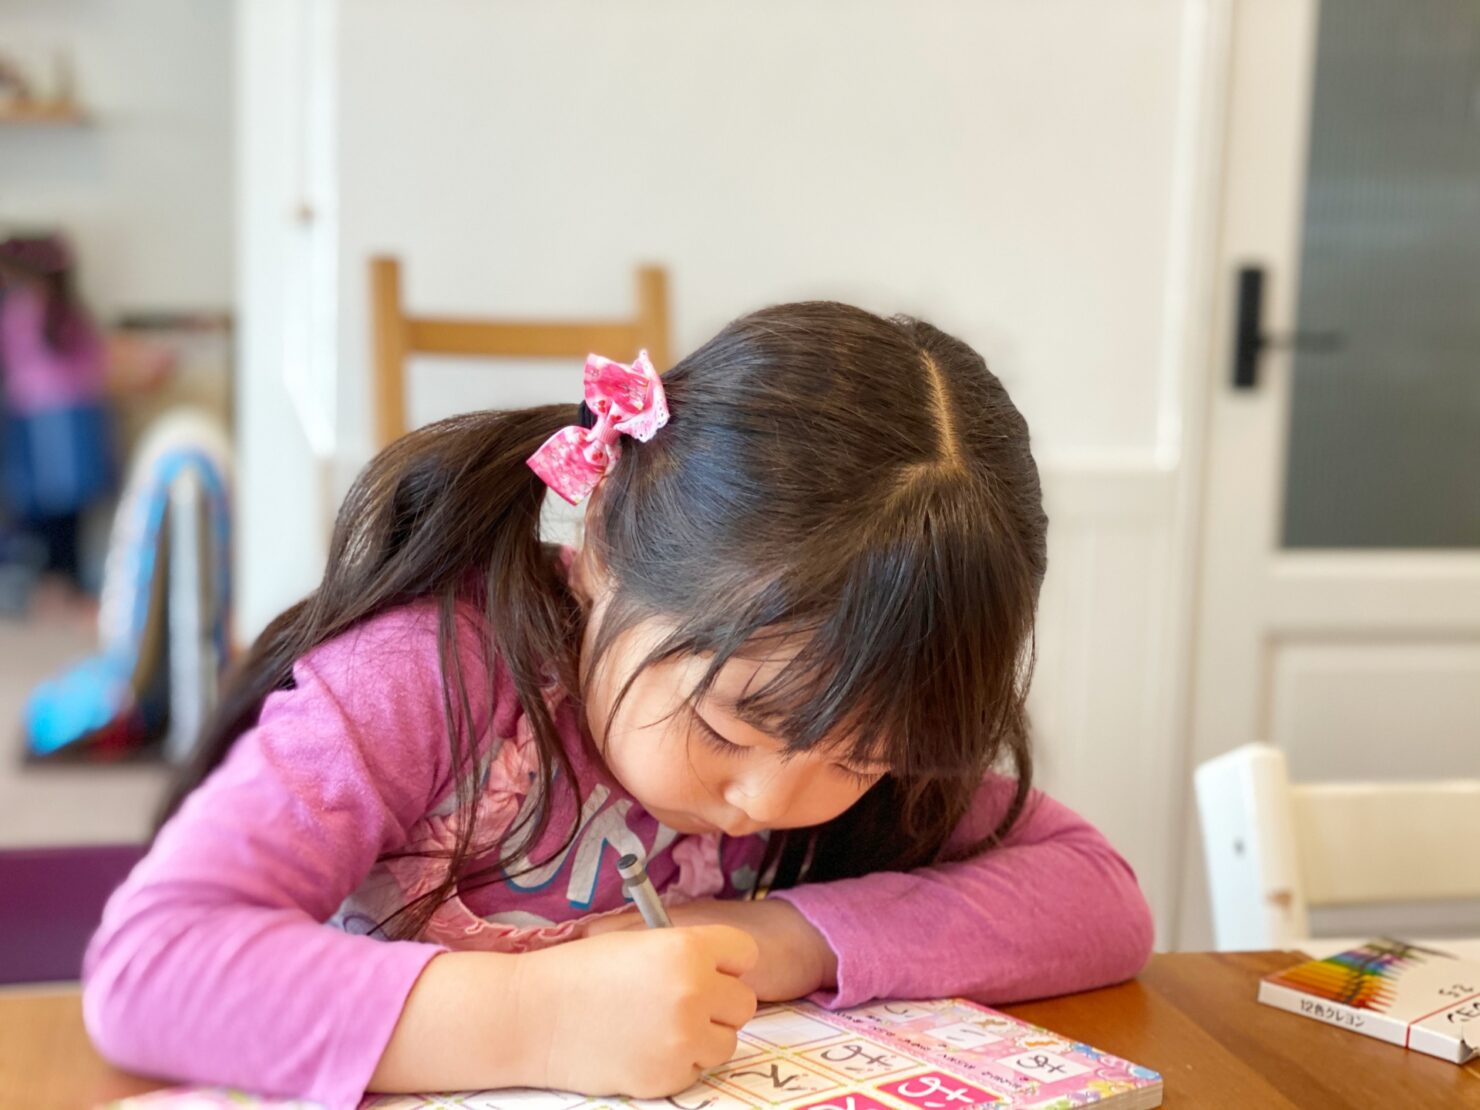 家庭で幼児教育をするメリット・デメリット